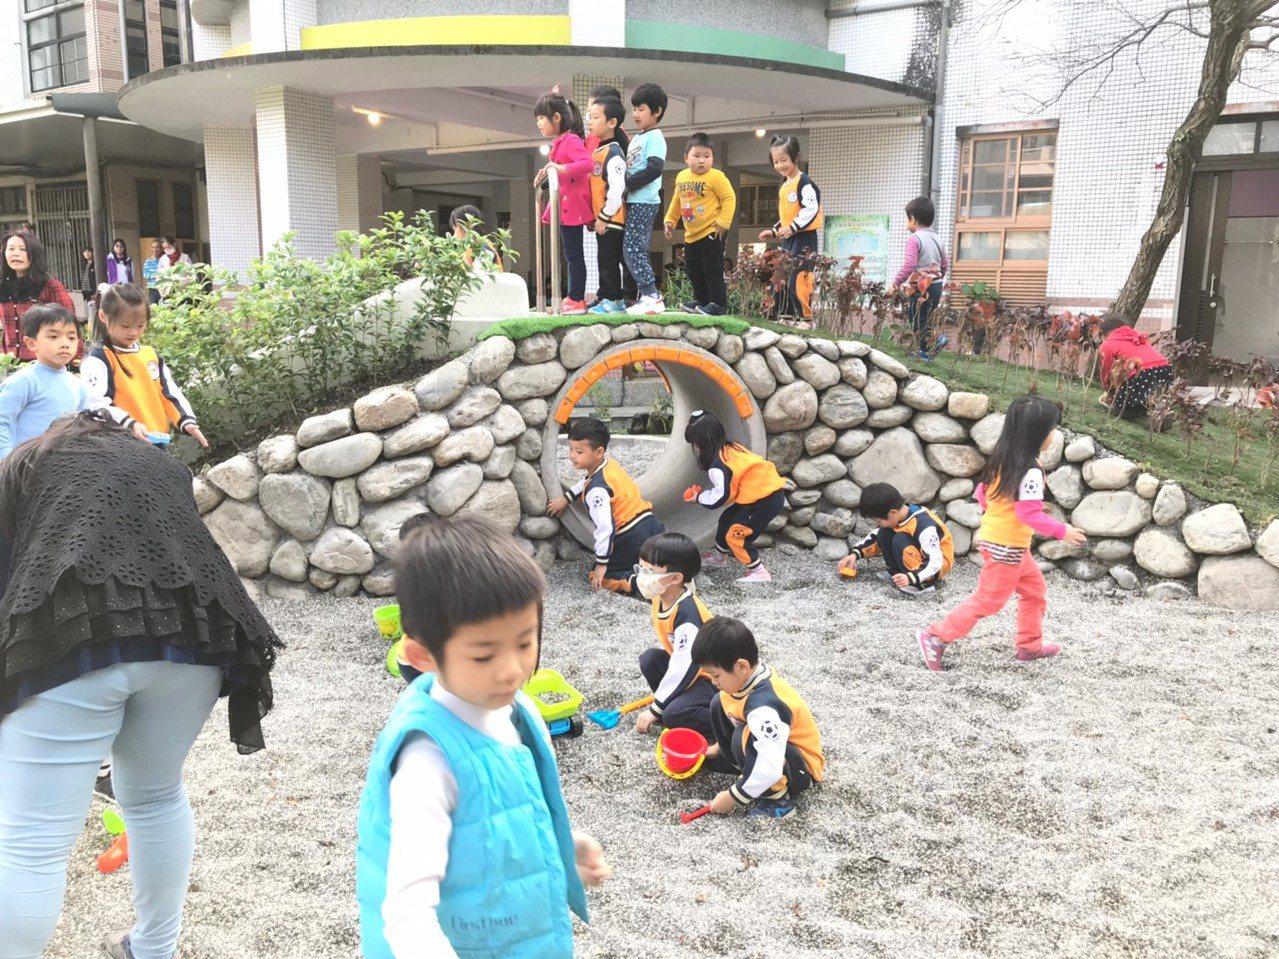 宜蘭首座利用校園空間設立的親子館啟用位於古亭國小,這裡有大碗公溜滑梯、戲砂池及涵...